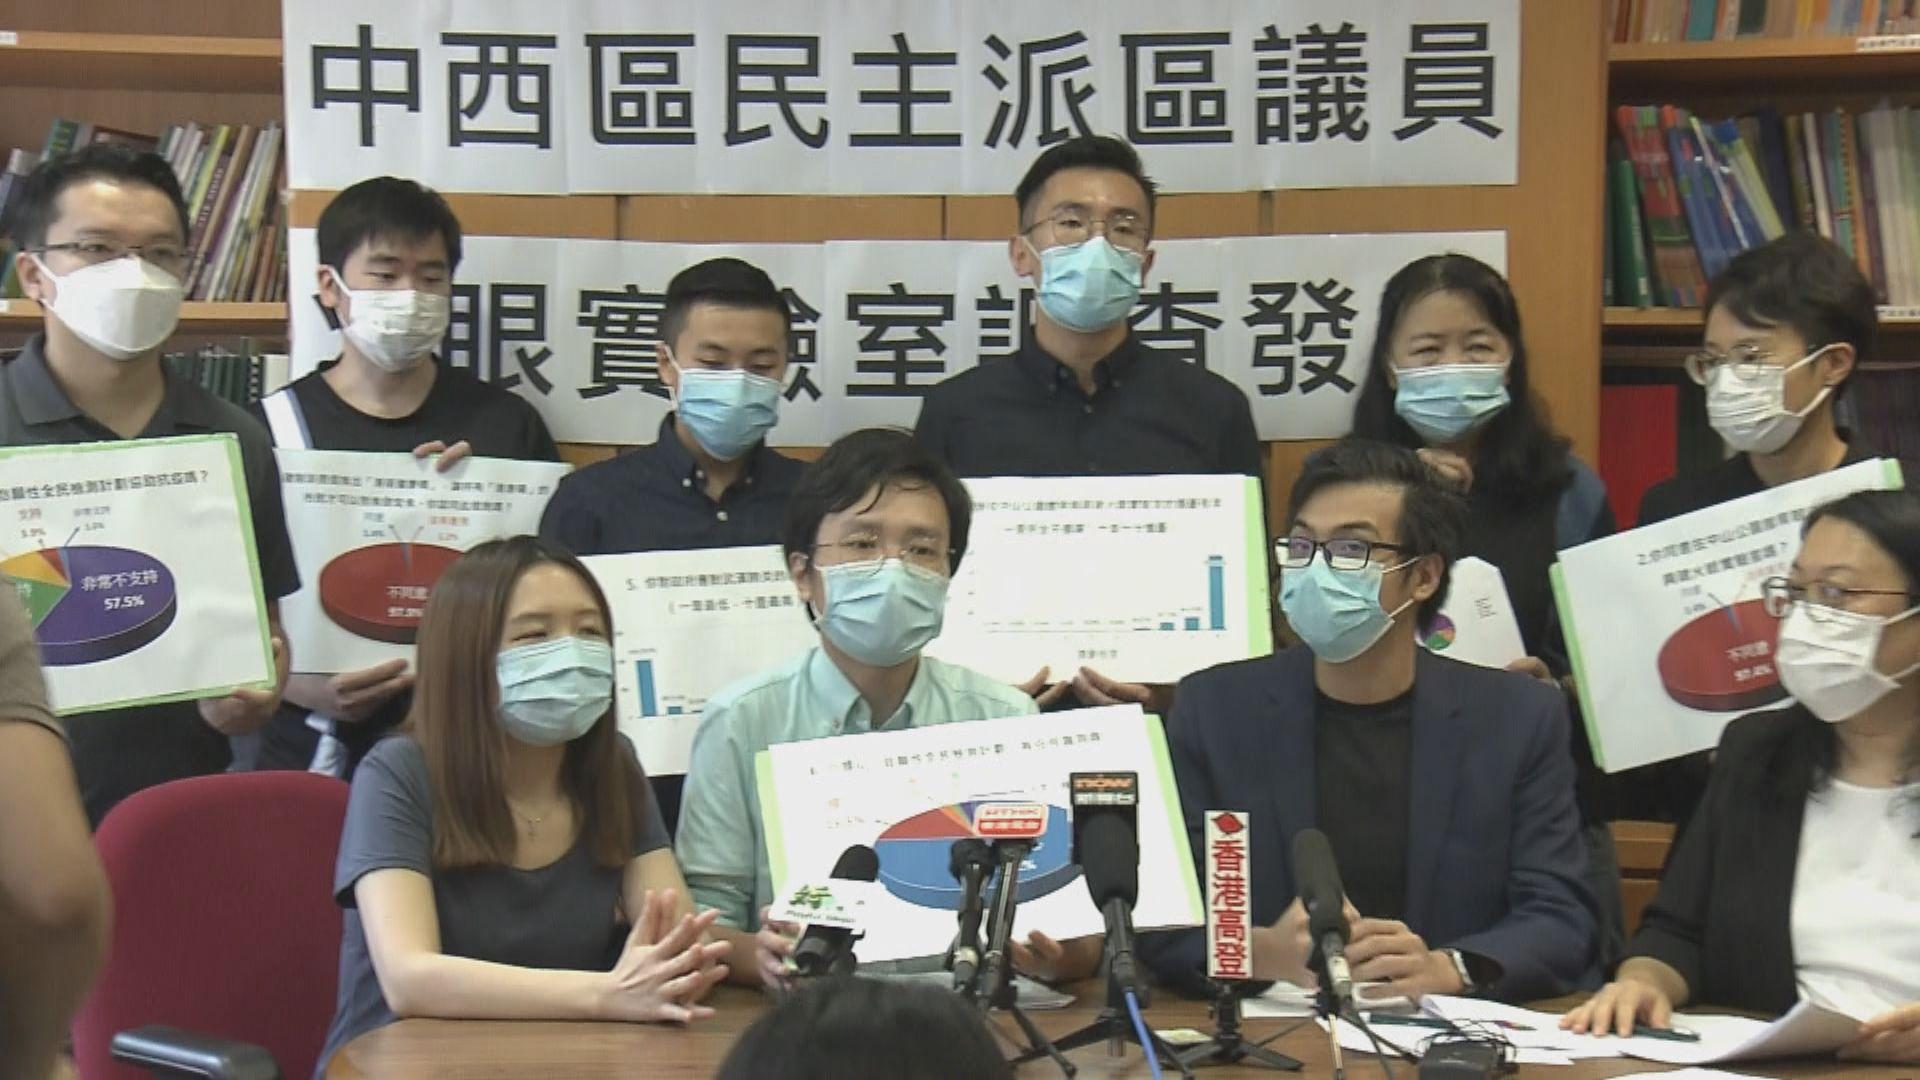 中西區區議員批政府沒交代火眼實驗室對居民影響